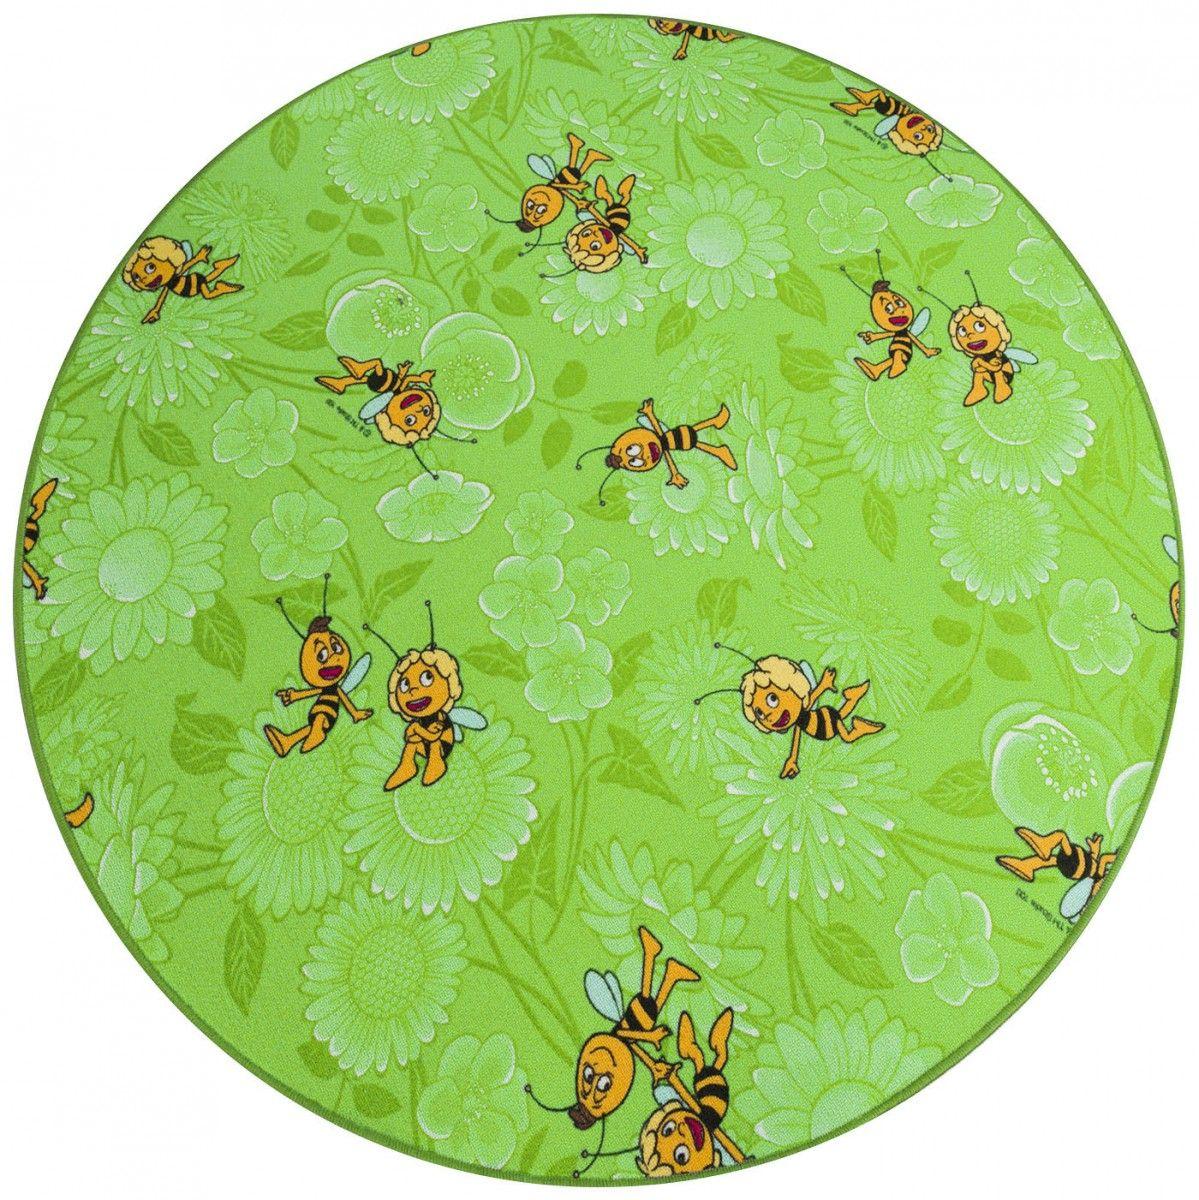 Biene Maja Teppich grün rund! Für alle Kinderzimmer geeignet | So ...